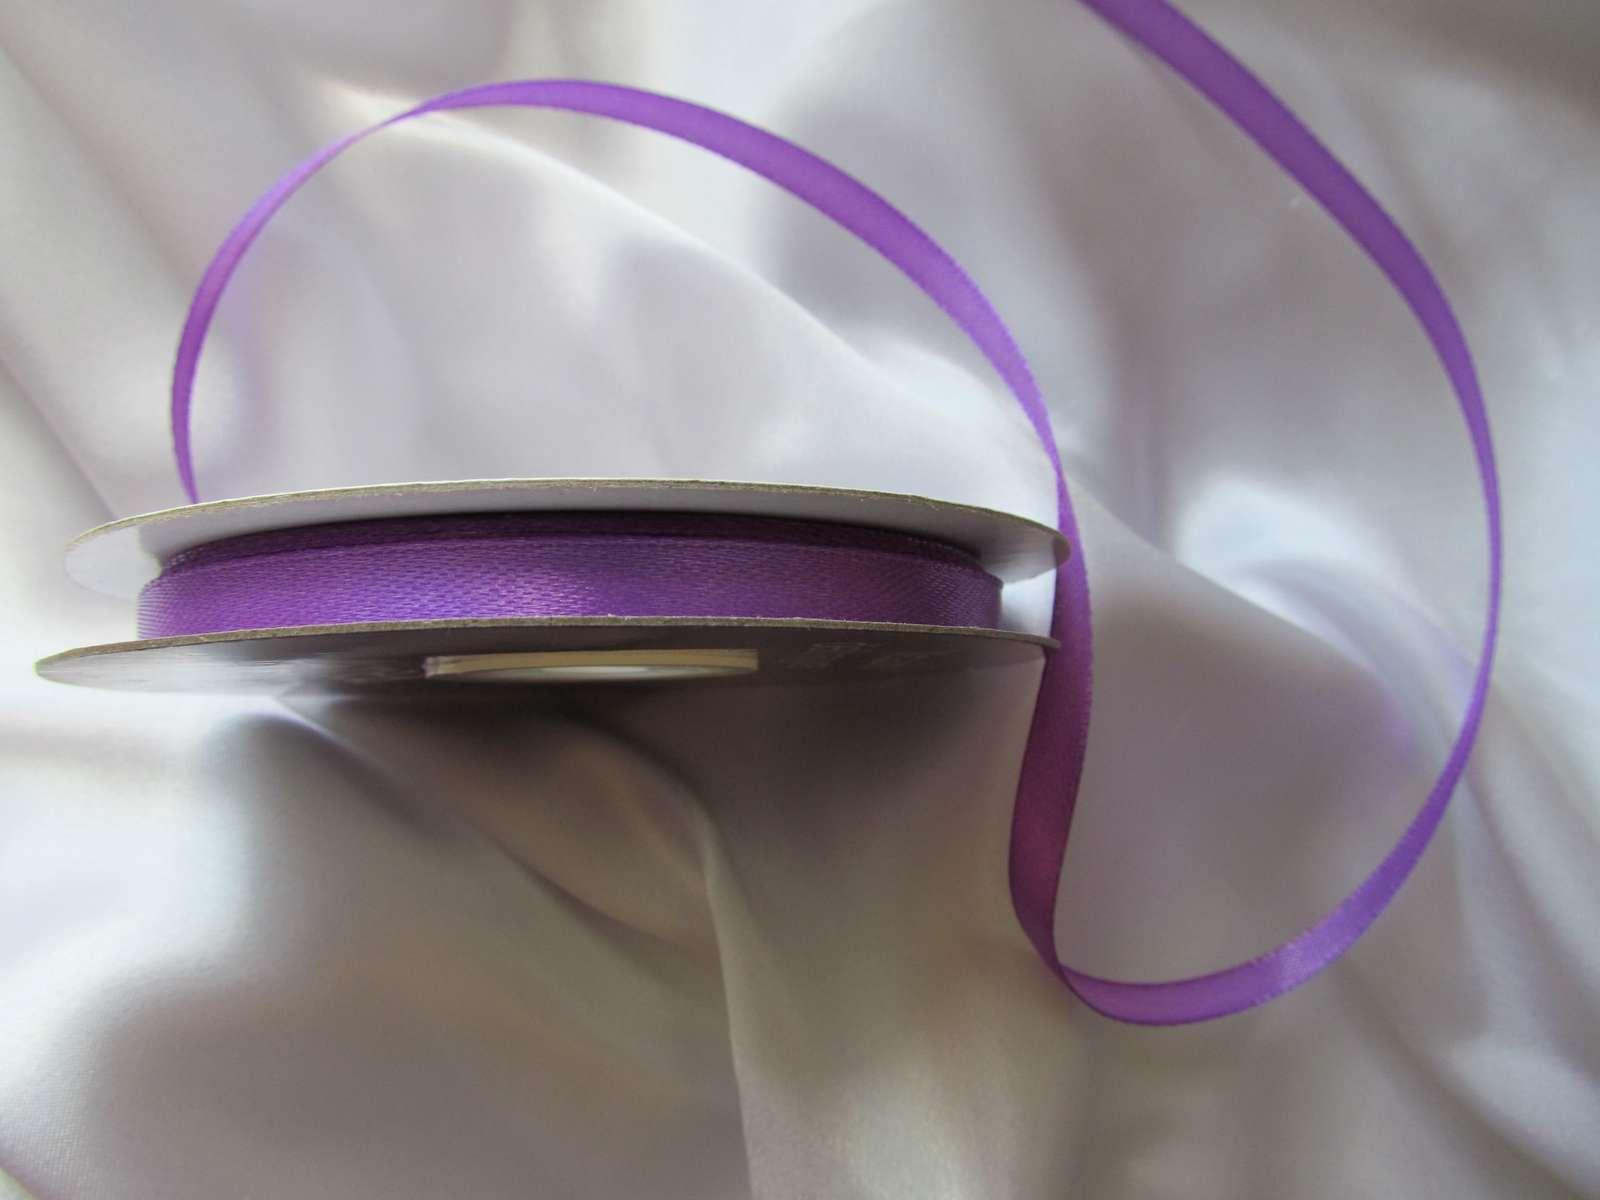 Fialová saténová stuha - 6 mm - Obrázek č. 1